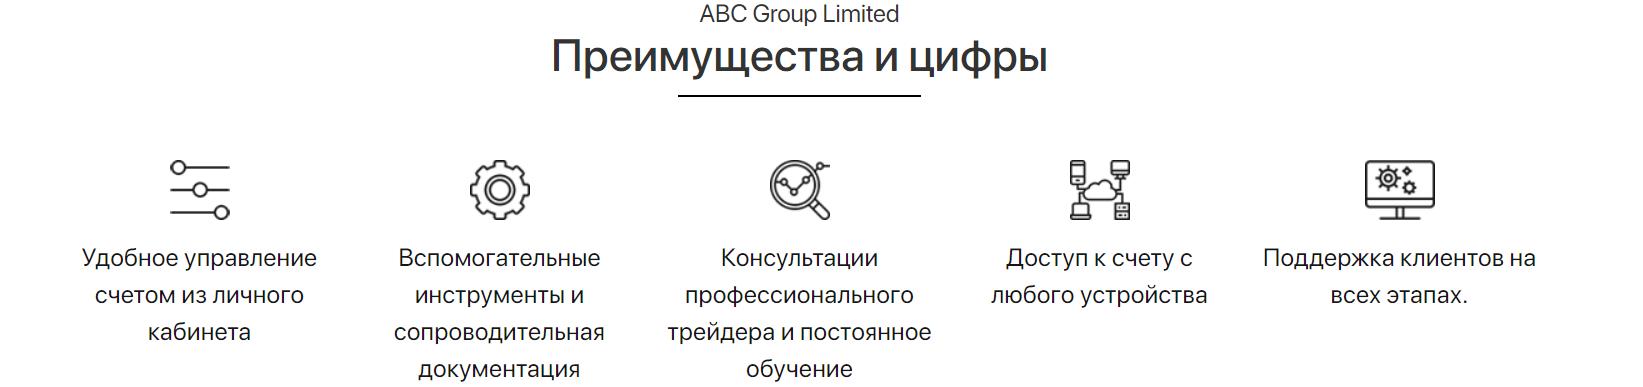 Подробности о ABC Group Limited, Фото № 3 - 1-consult.net